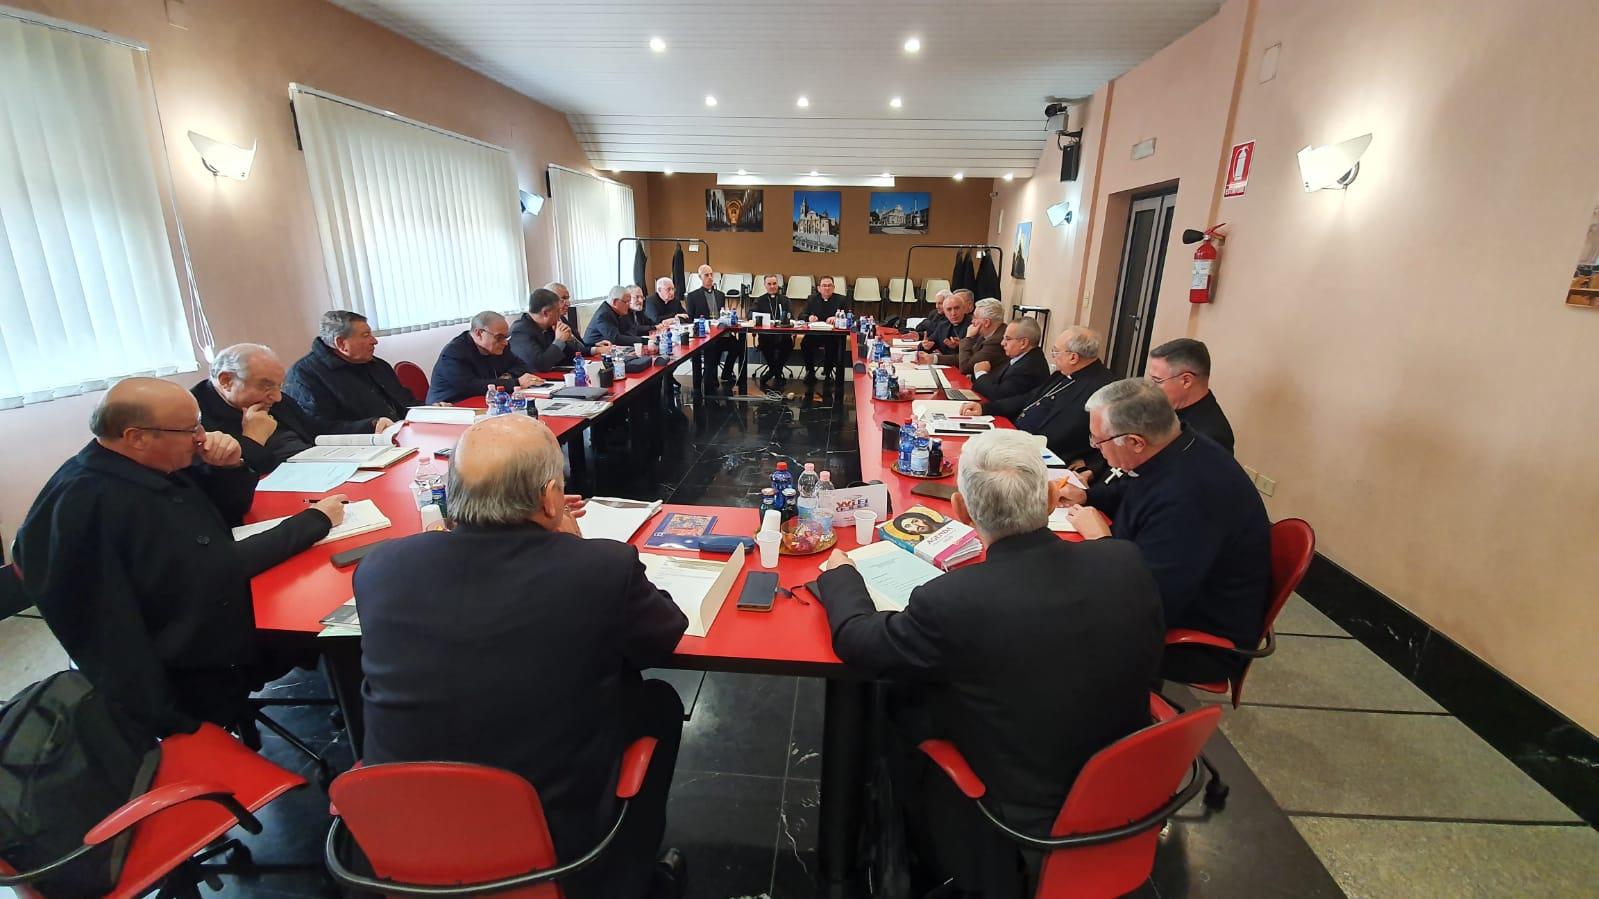 VESCOVI DI SICILIA: CONCLUSA LA SESSIONE INVERNALE DI LAVORO